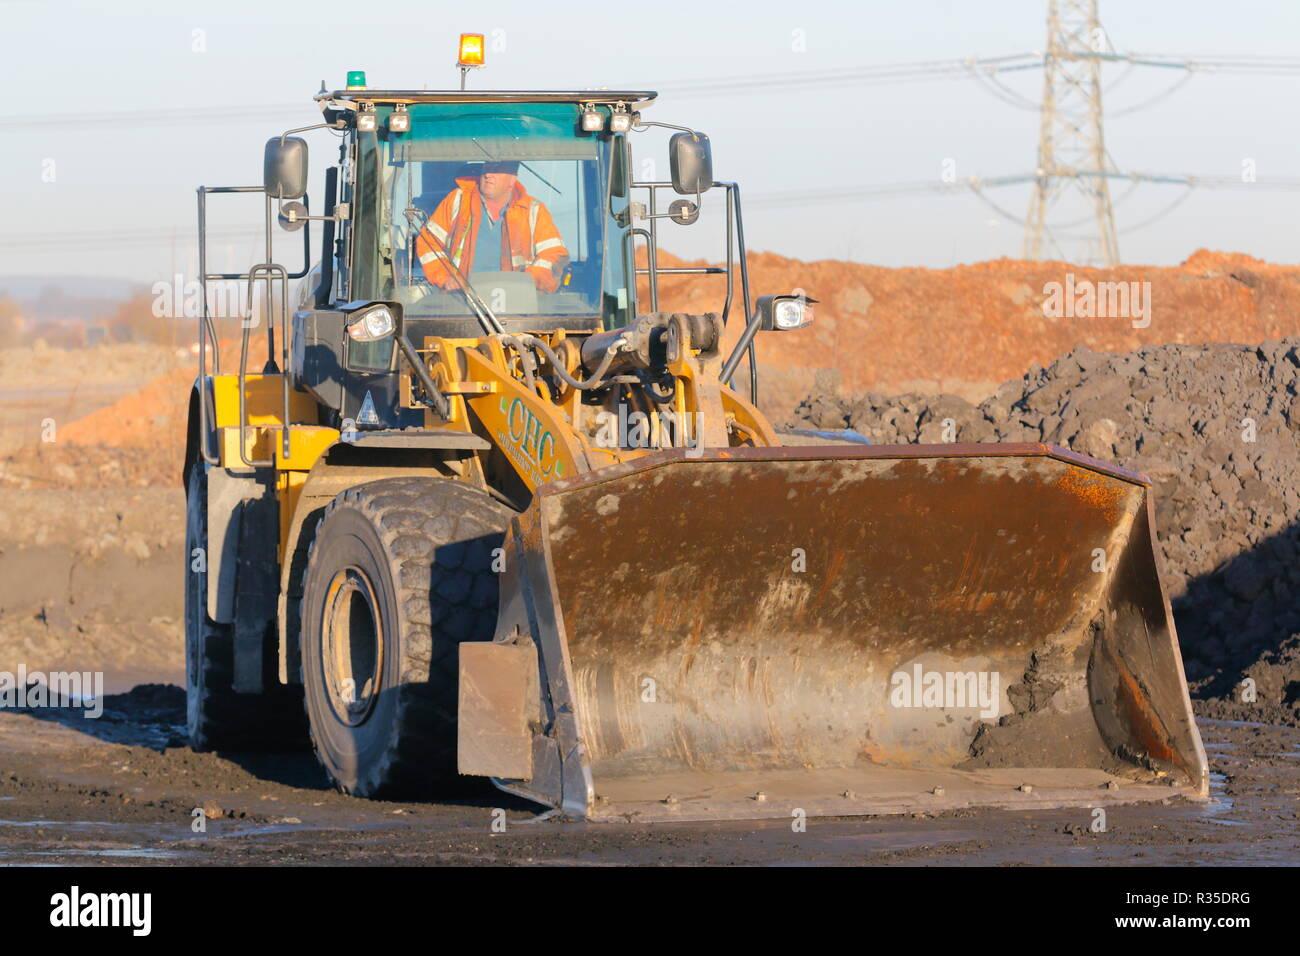 Un chargeur sur roues Caterpillar 966 au travail sur l'ancienne usine de recyclage du charbon dans Recycoal,Rossington Doncaster qui a été démoli. Photo Stock